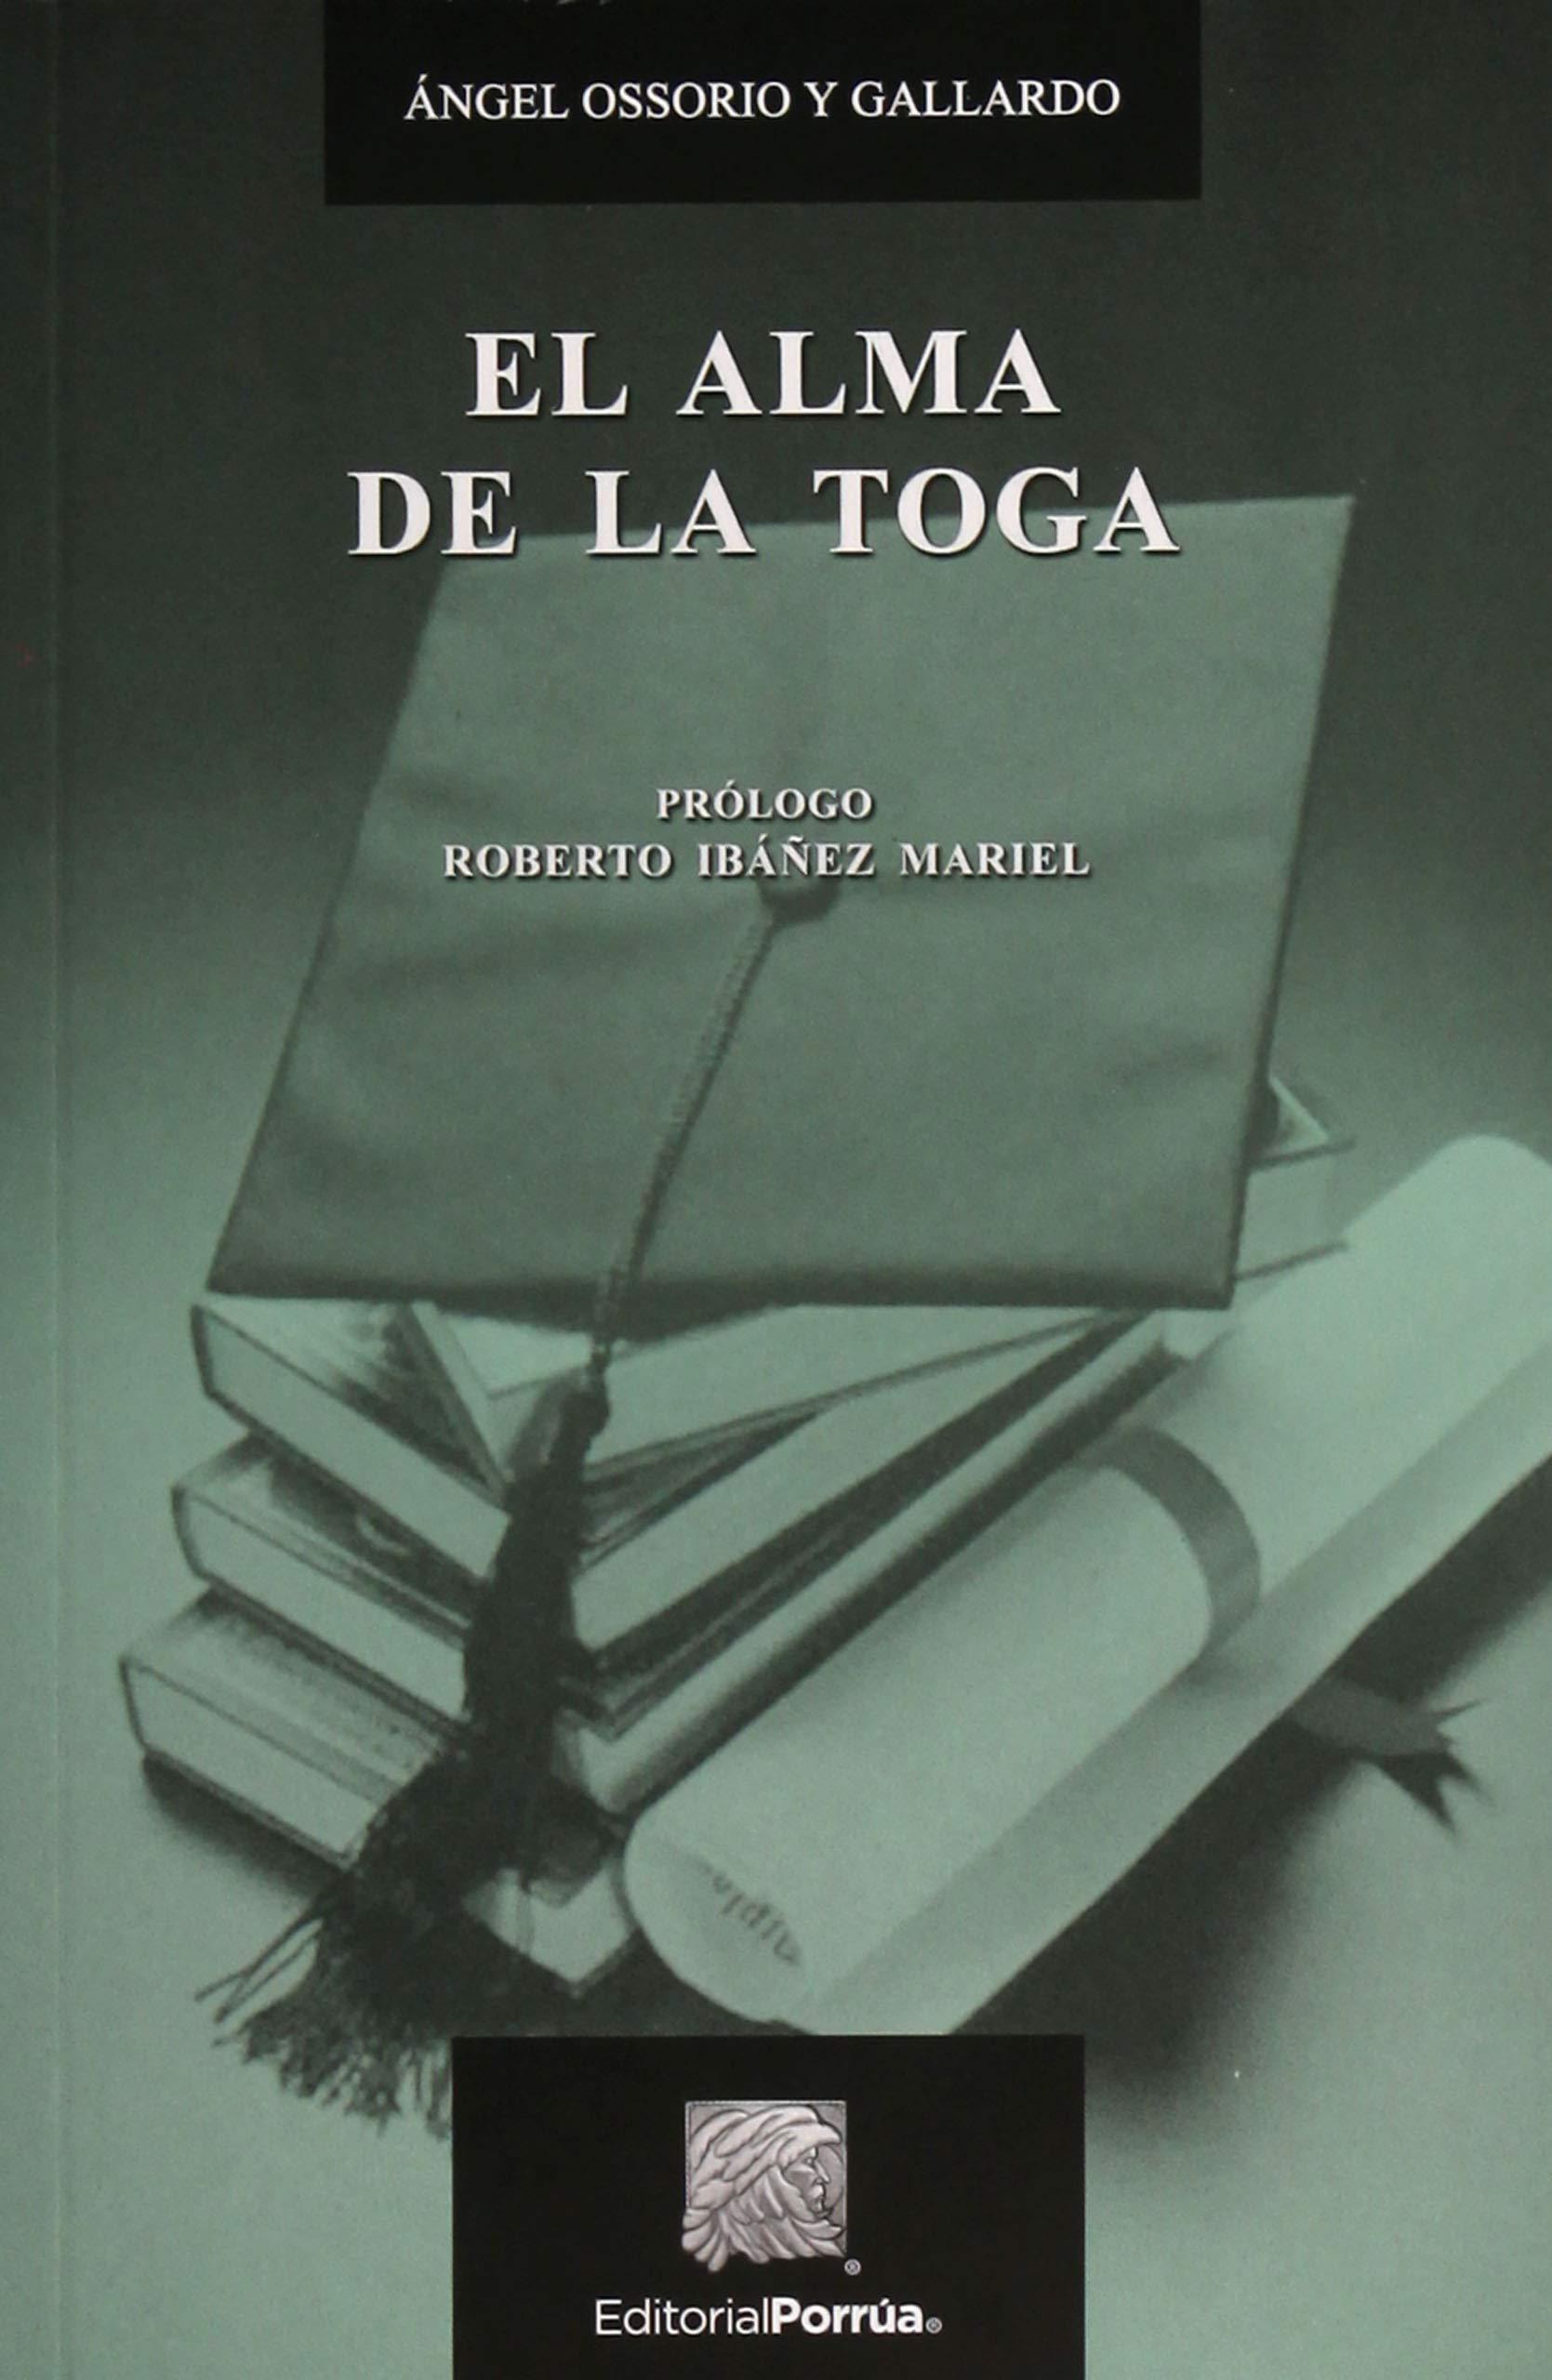 el alma de la tog: Amazon.es: Ángel Ossorio y Gallardo: Libros